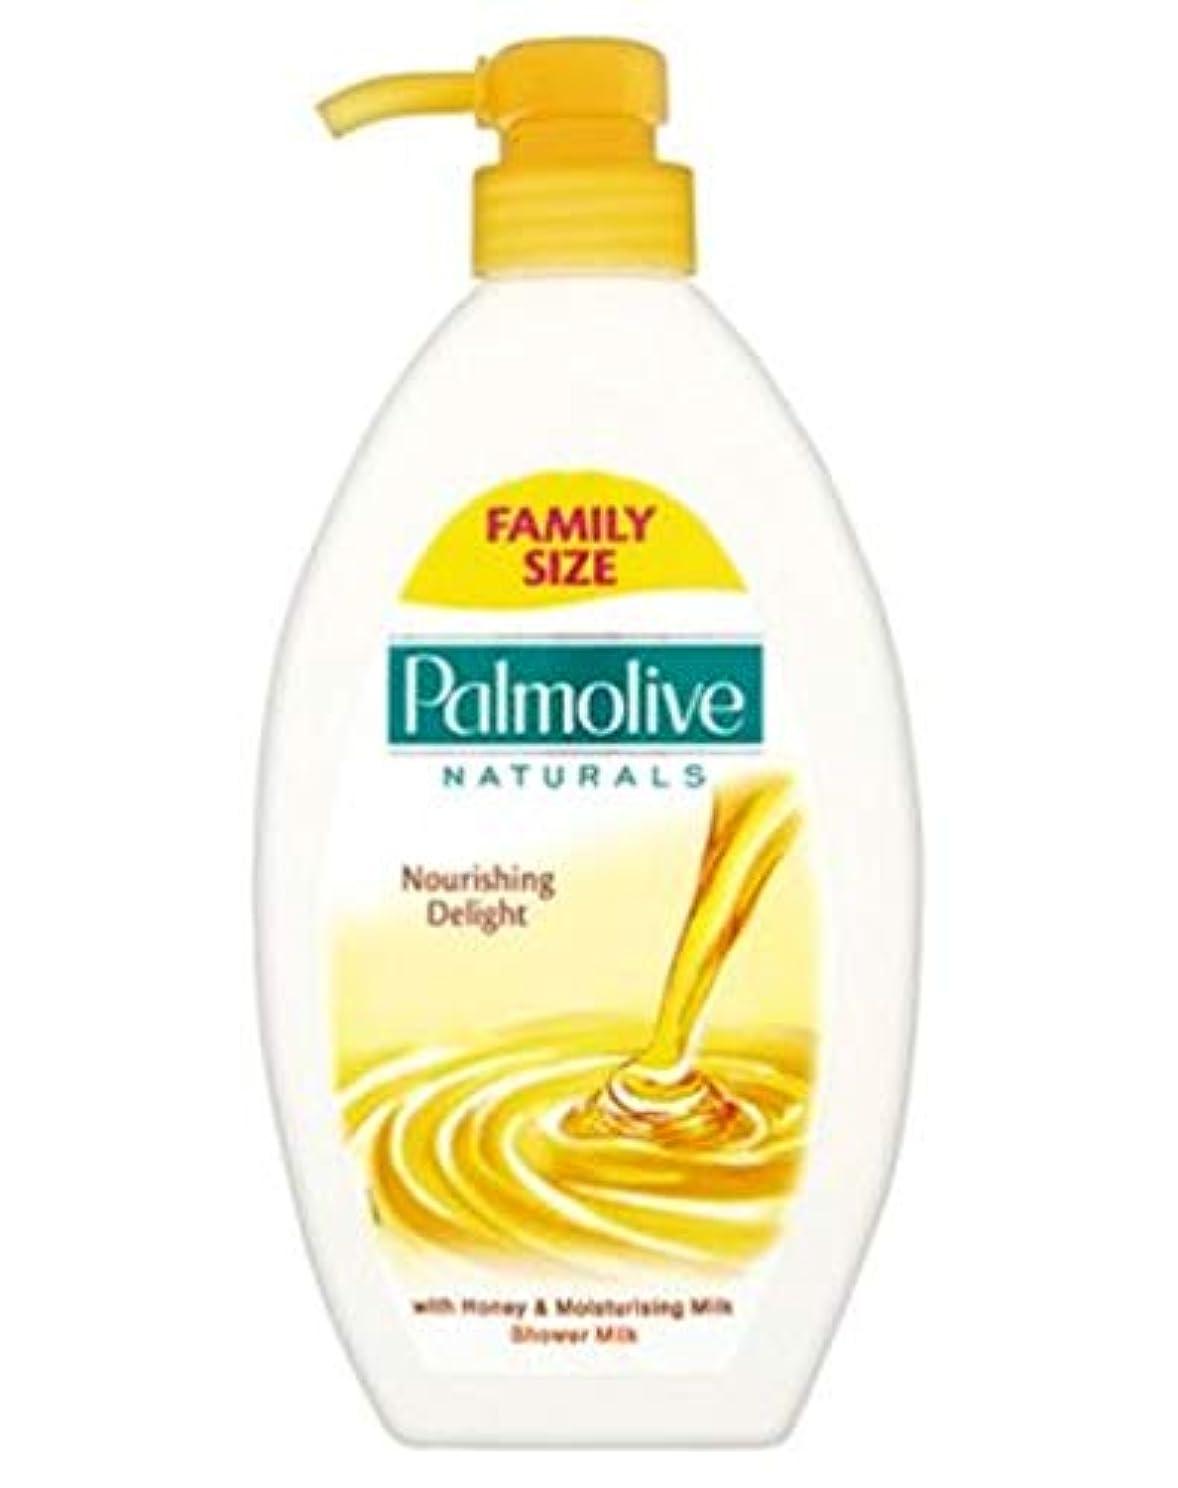 トランクライブラリ果てしない足[Palmolive] パルモ栄養歓喜のシャワーミルク&ハニーポンプ750ミリリットル - Palmolive Nourishing Delight Shower Milk & Honey Pump 750ml [並行輸入品]